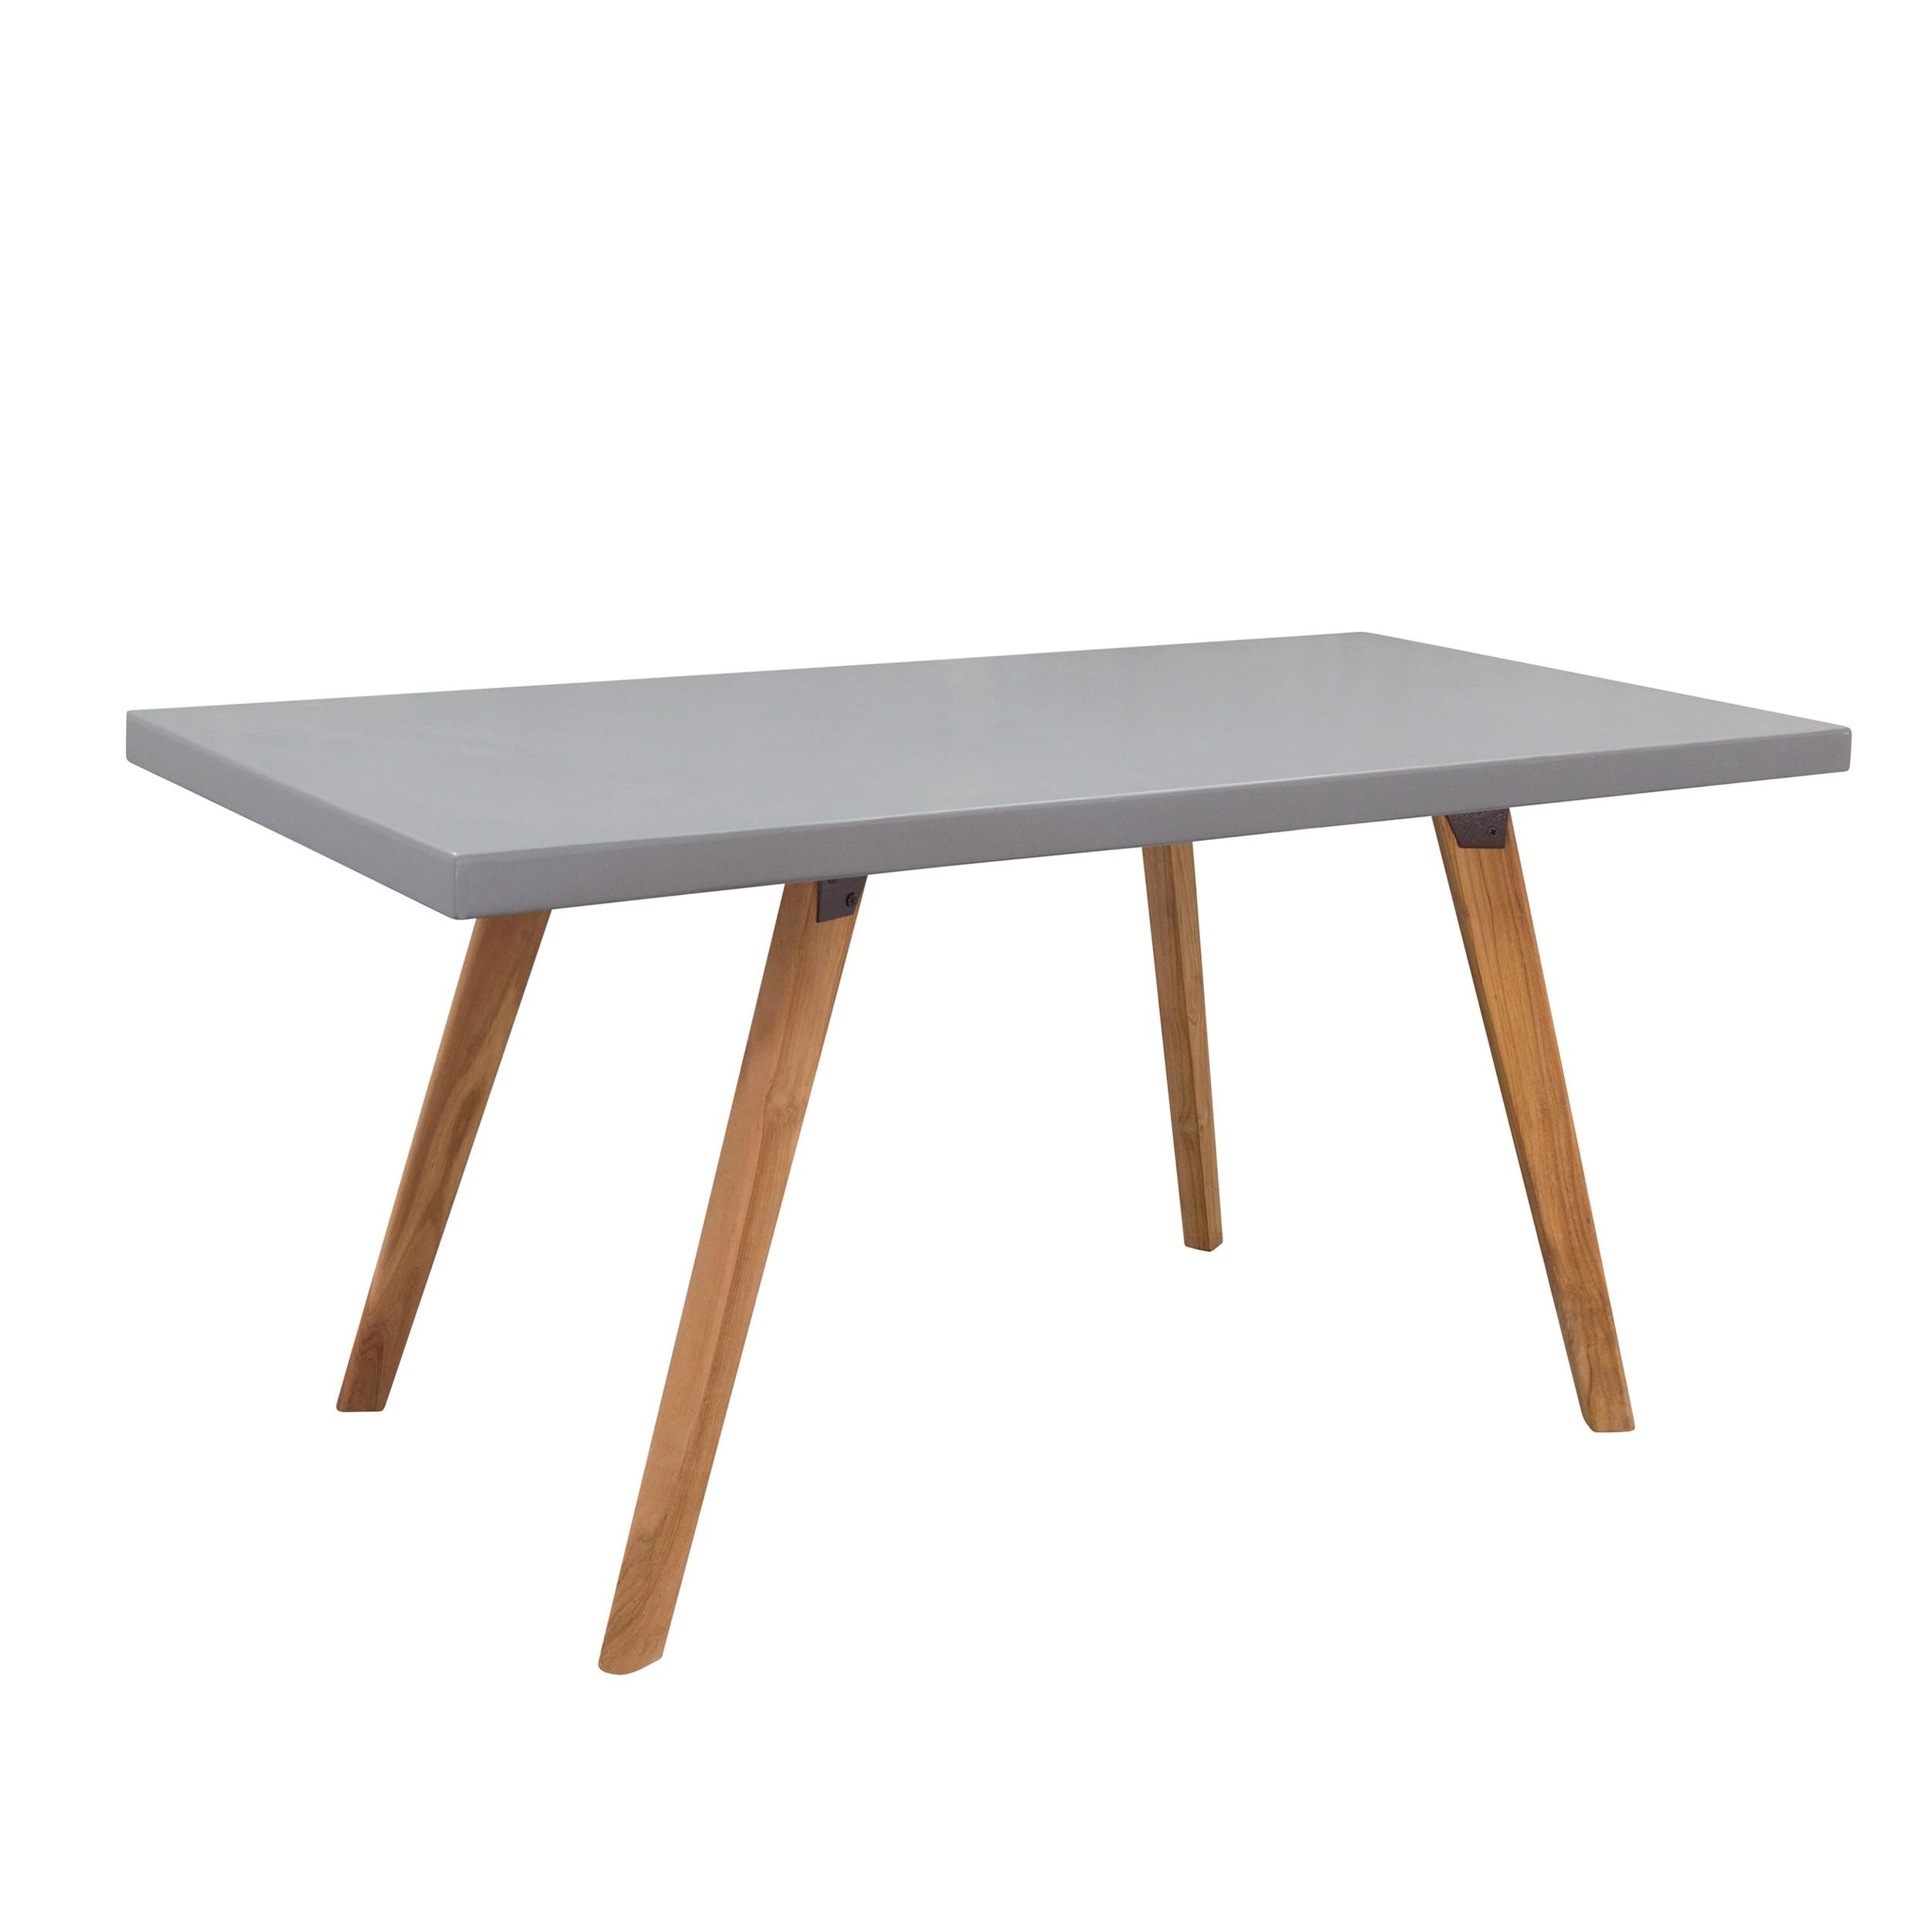 acheter table beton 160 cm pieds bois